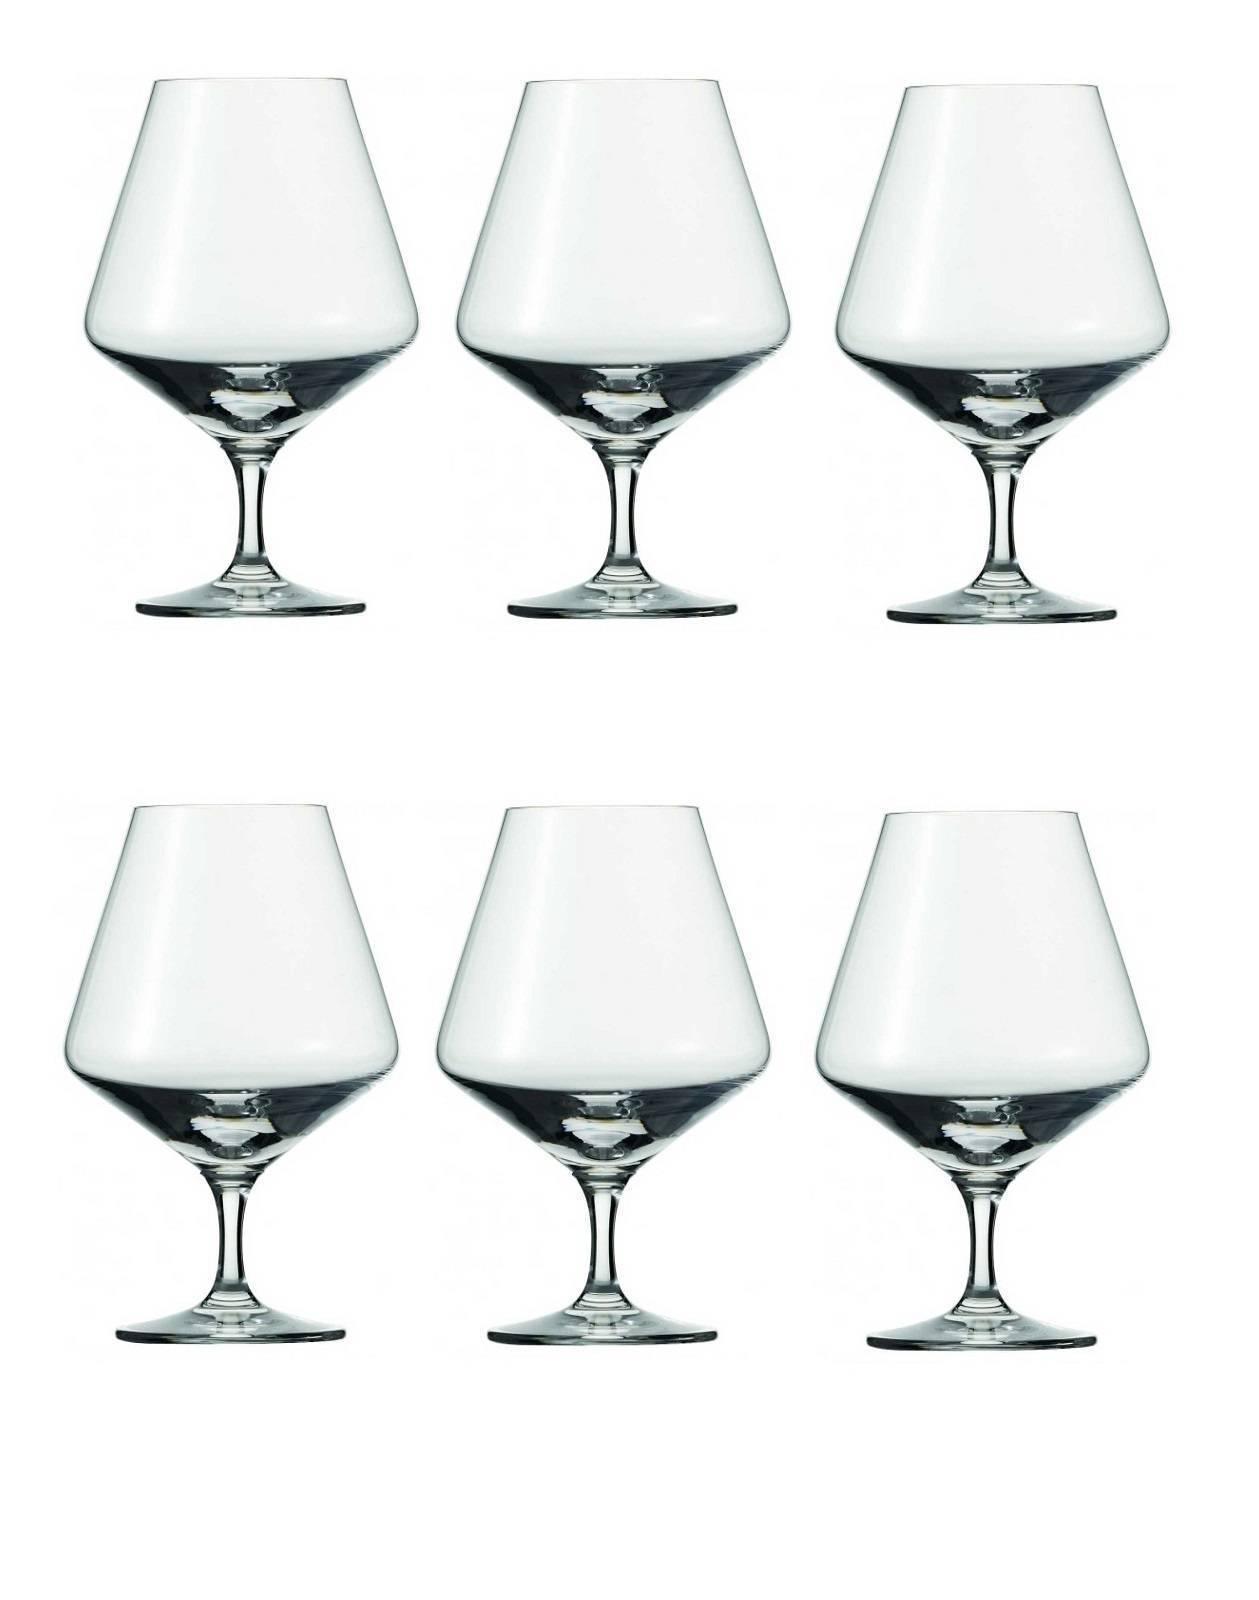 Хрустальные бокалы для коньяка: особенности выбора